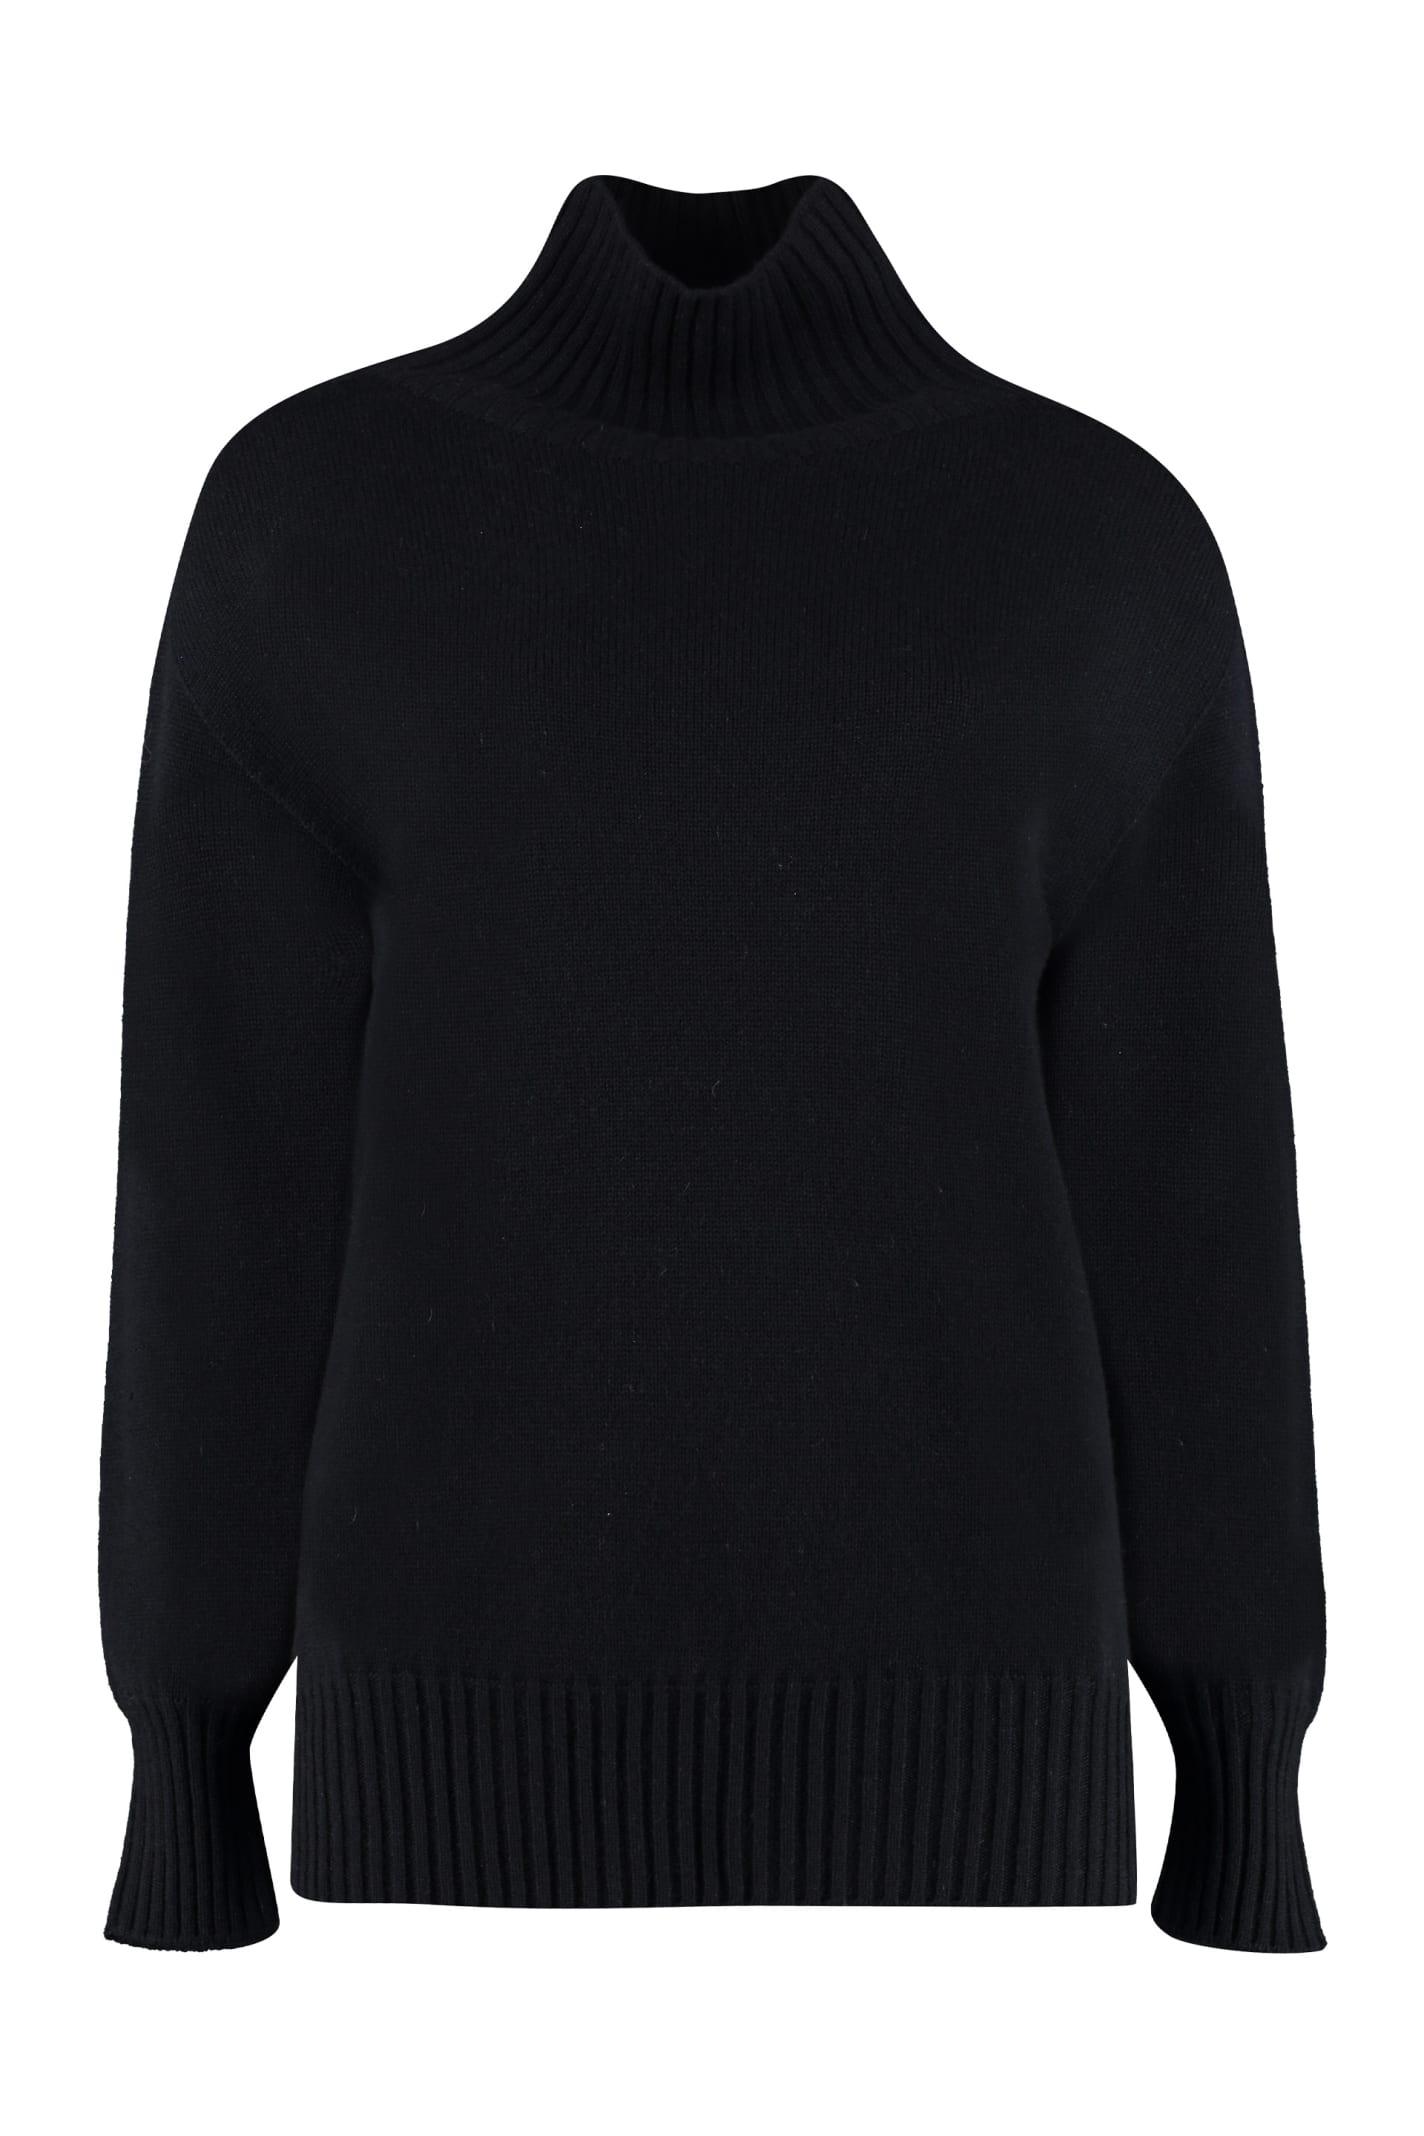 Gnomi Cashmere Turtleneck Sweater